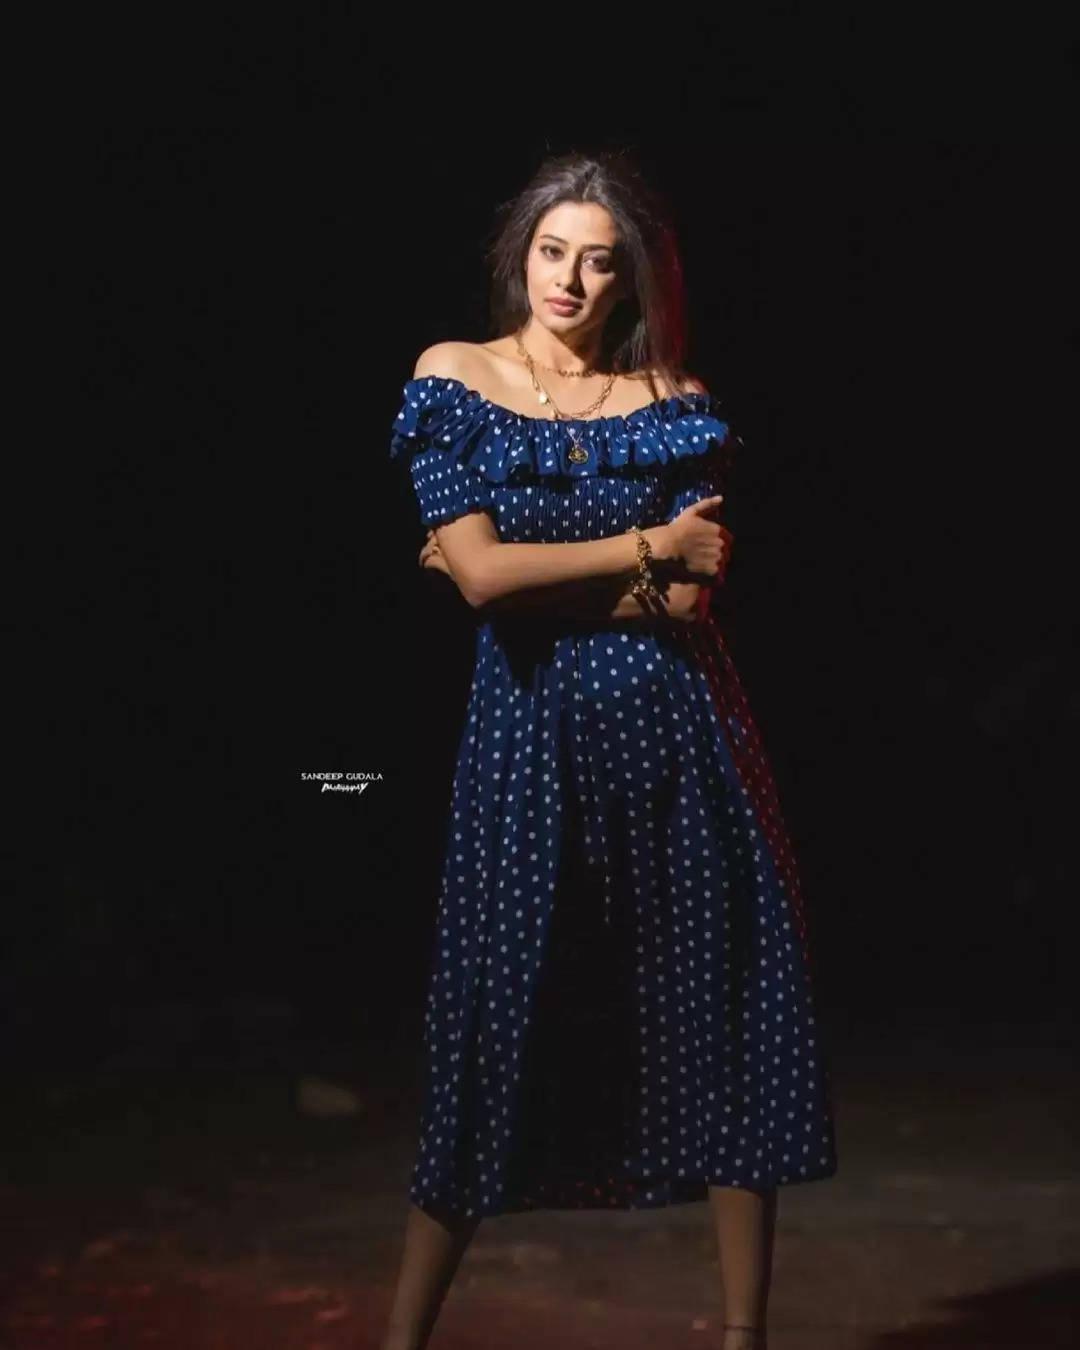 நடிகை ப்ரியாமணி லேட்டஸ்ட் போட்டோஷூட்